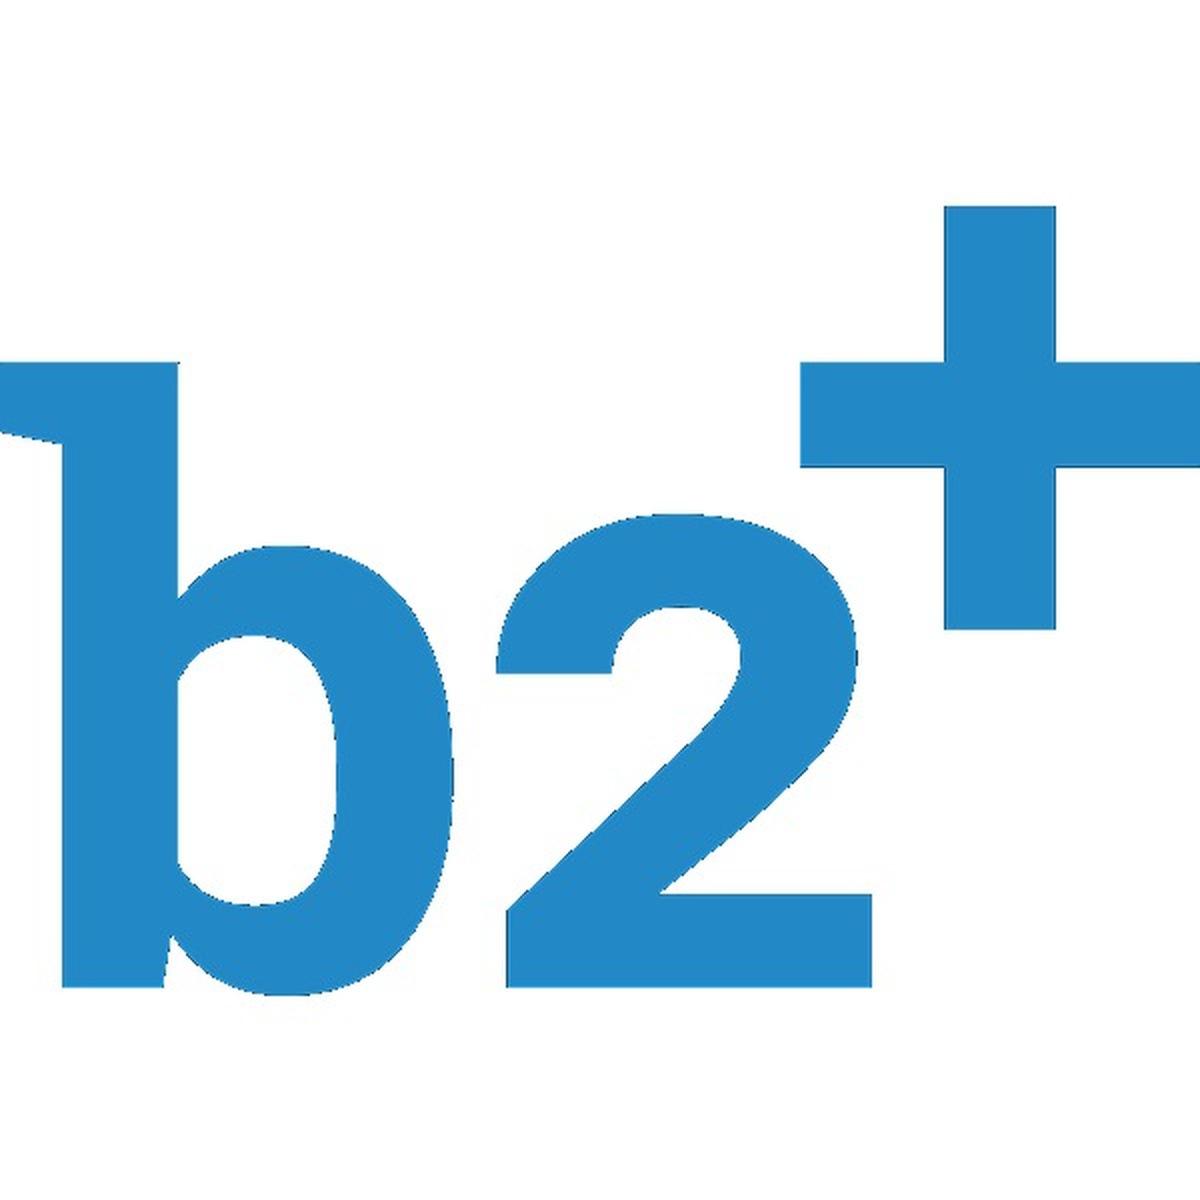 b2plus Consulting GmbH